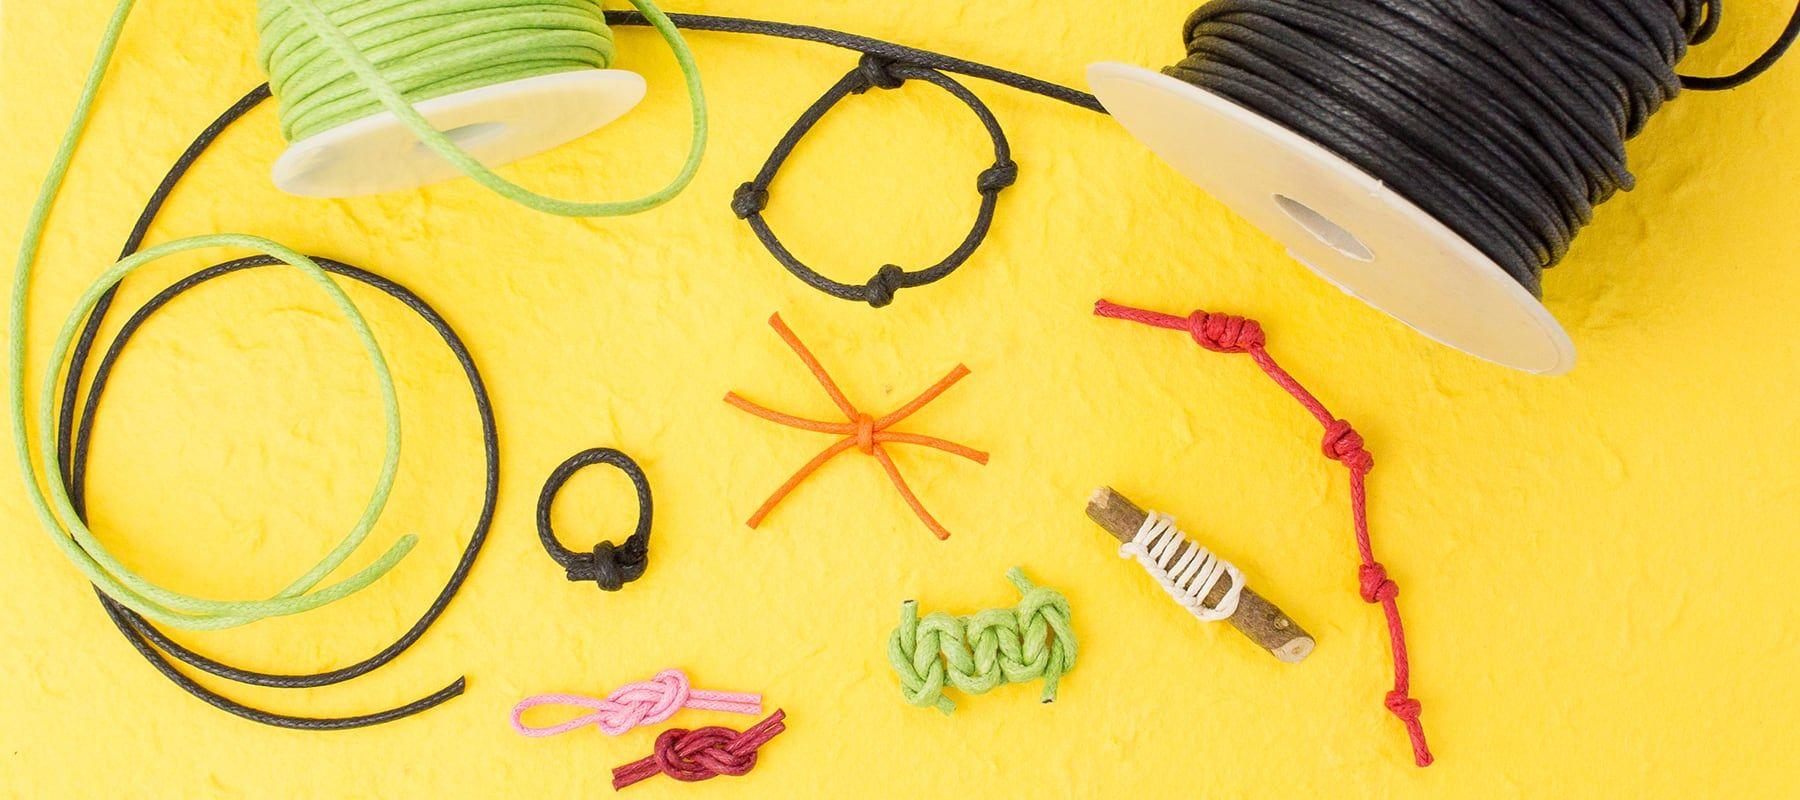 Knotenmagie Und Knotenzauber Mit 8 Knoten Ideen Magie Knoten